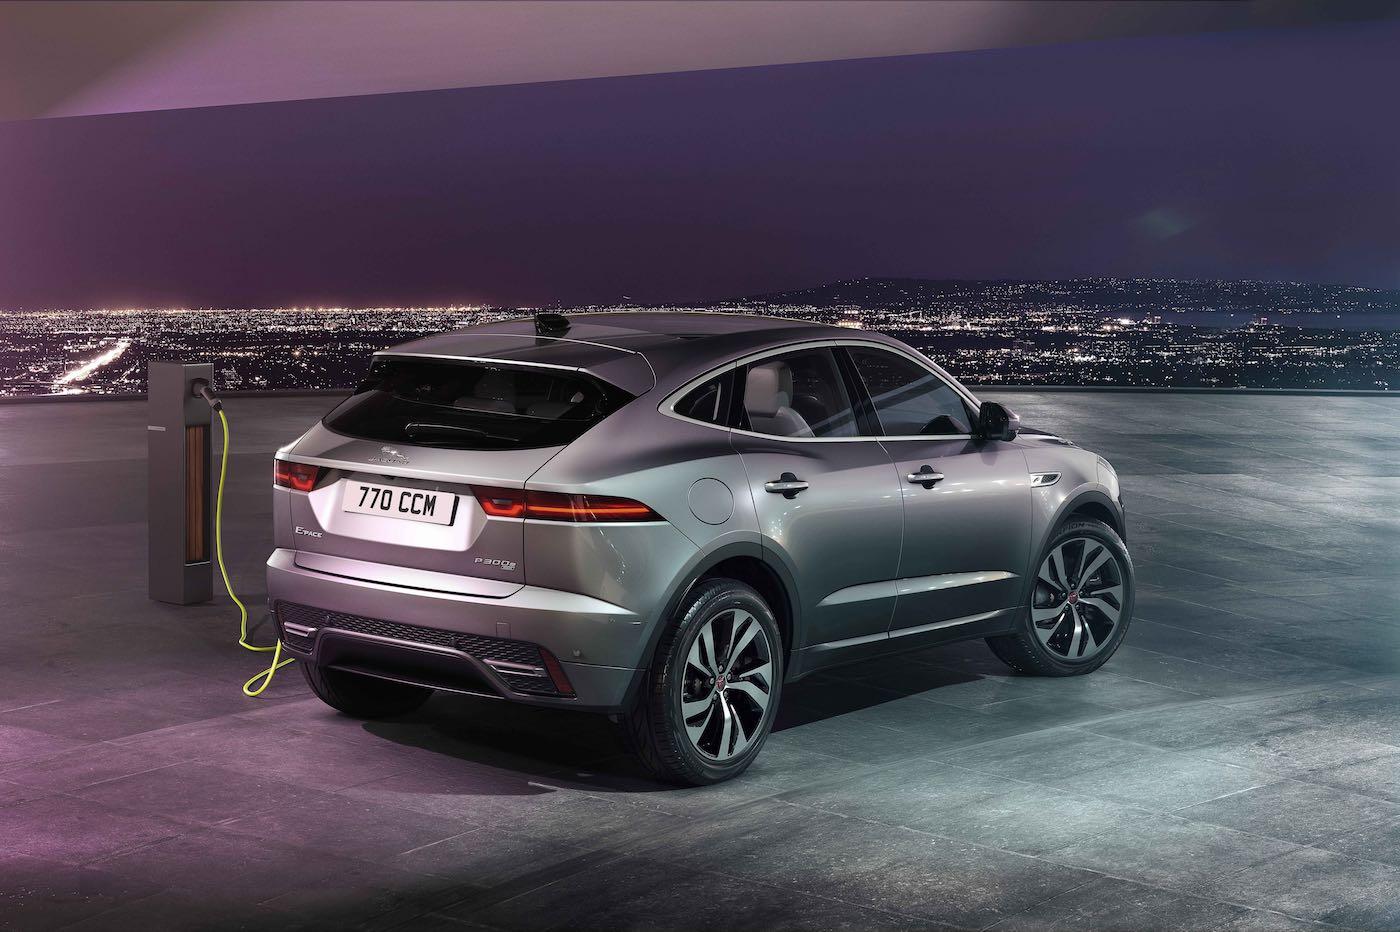 El compromiso de Jaguar de crear vehículos robustos y ligeros que definan la nueva movilidad continúa con la llegada del nuevo Model Year del XE.